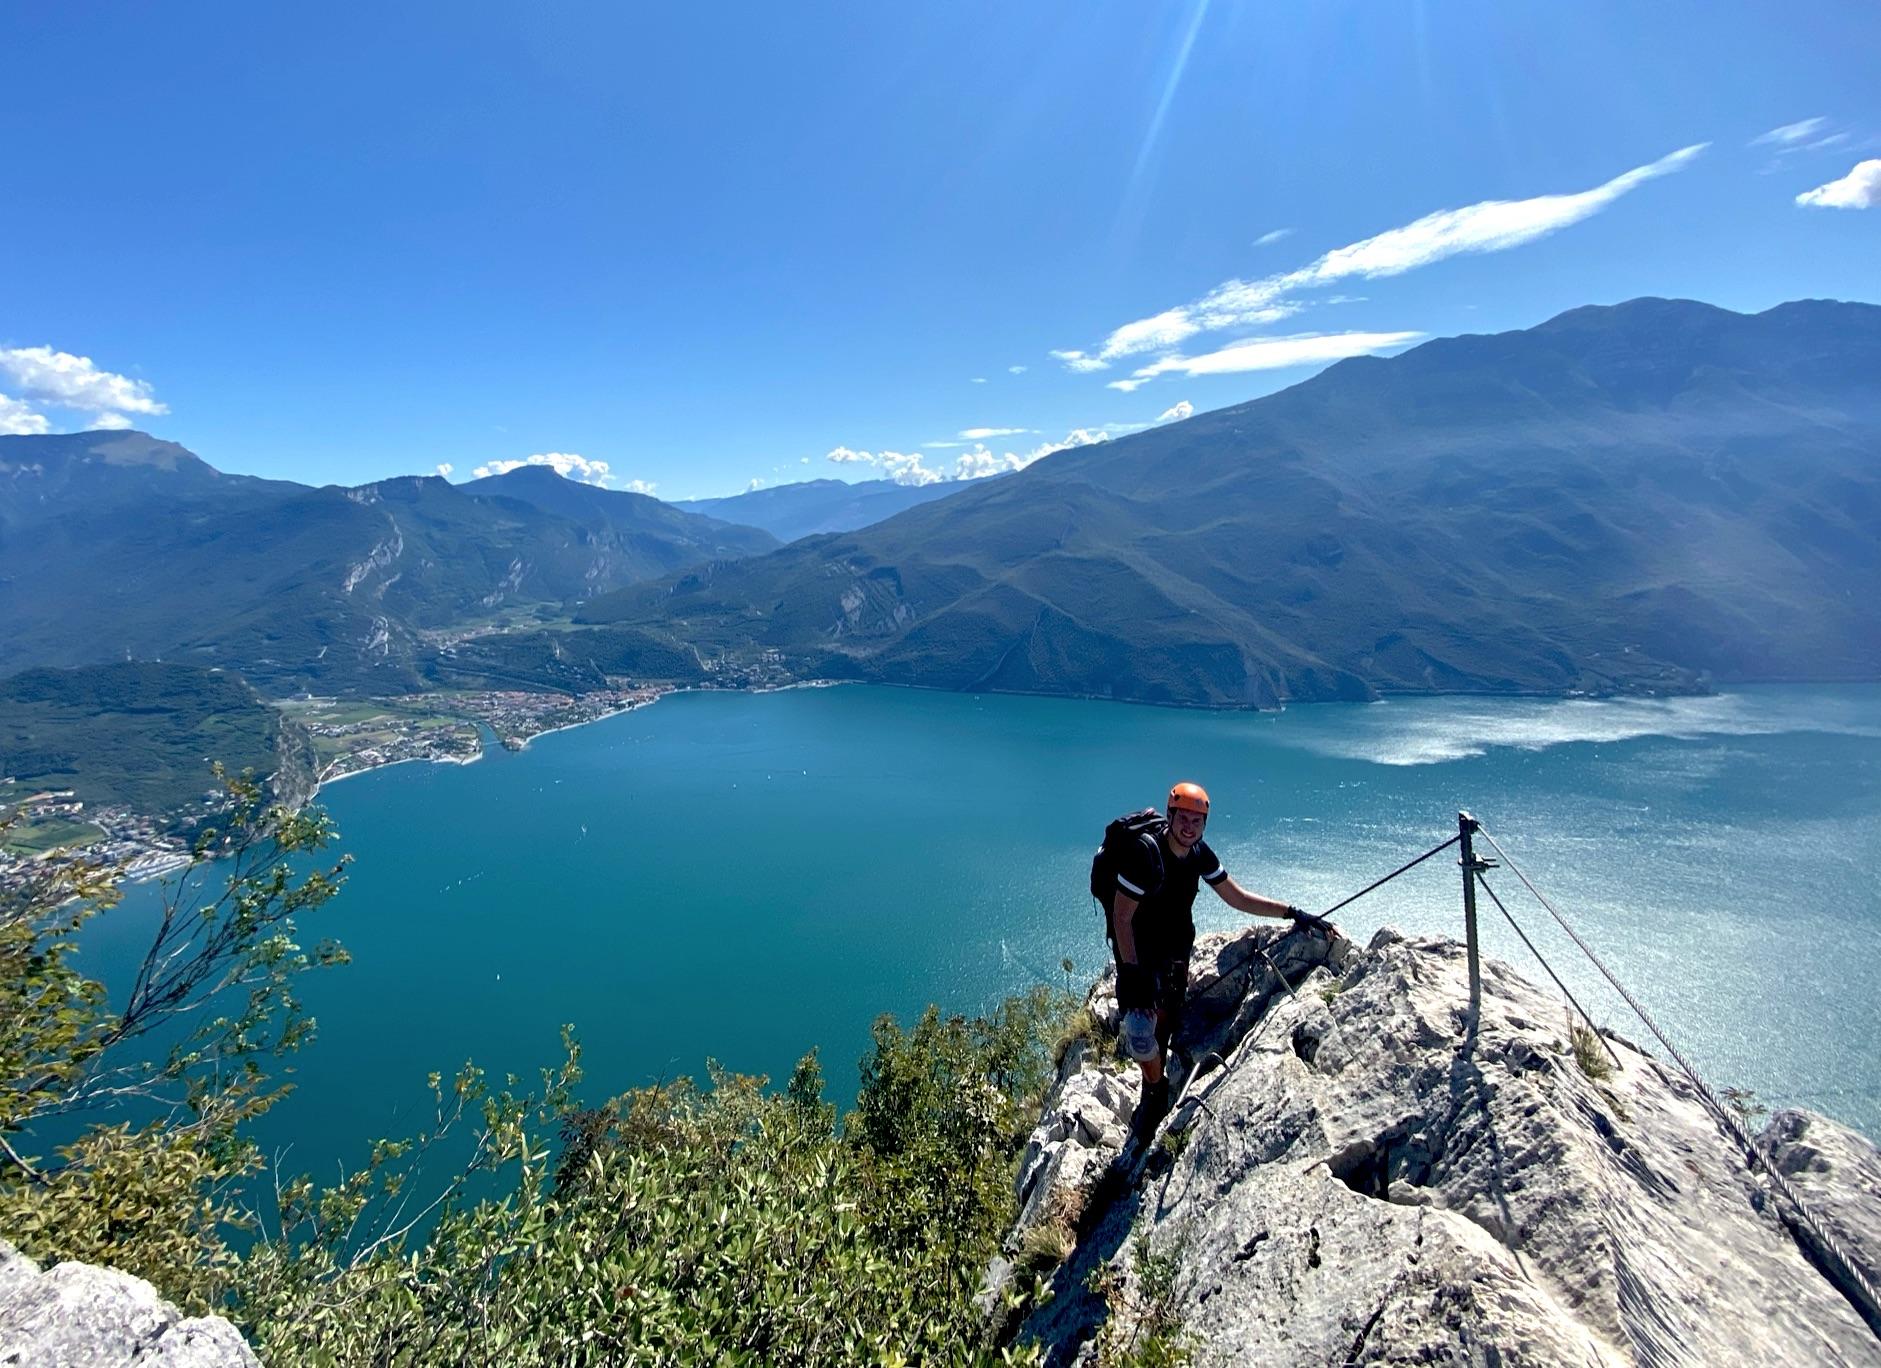 Klettersteig Fausto Susatti